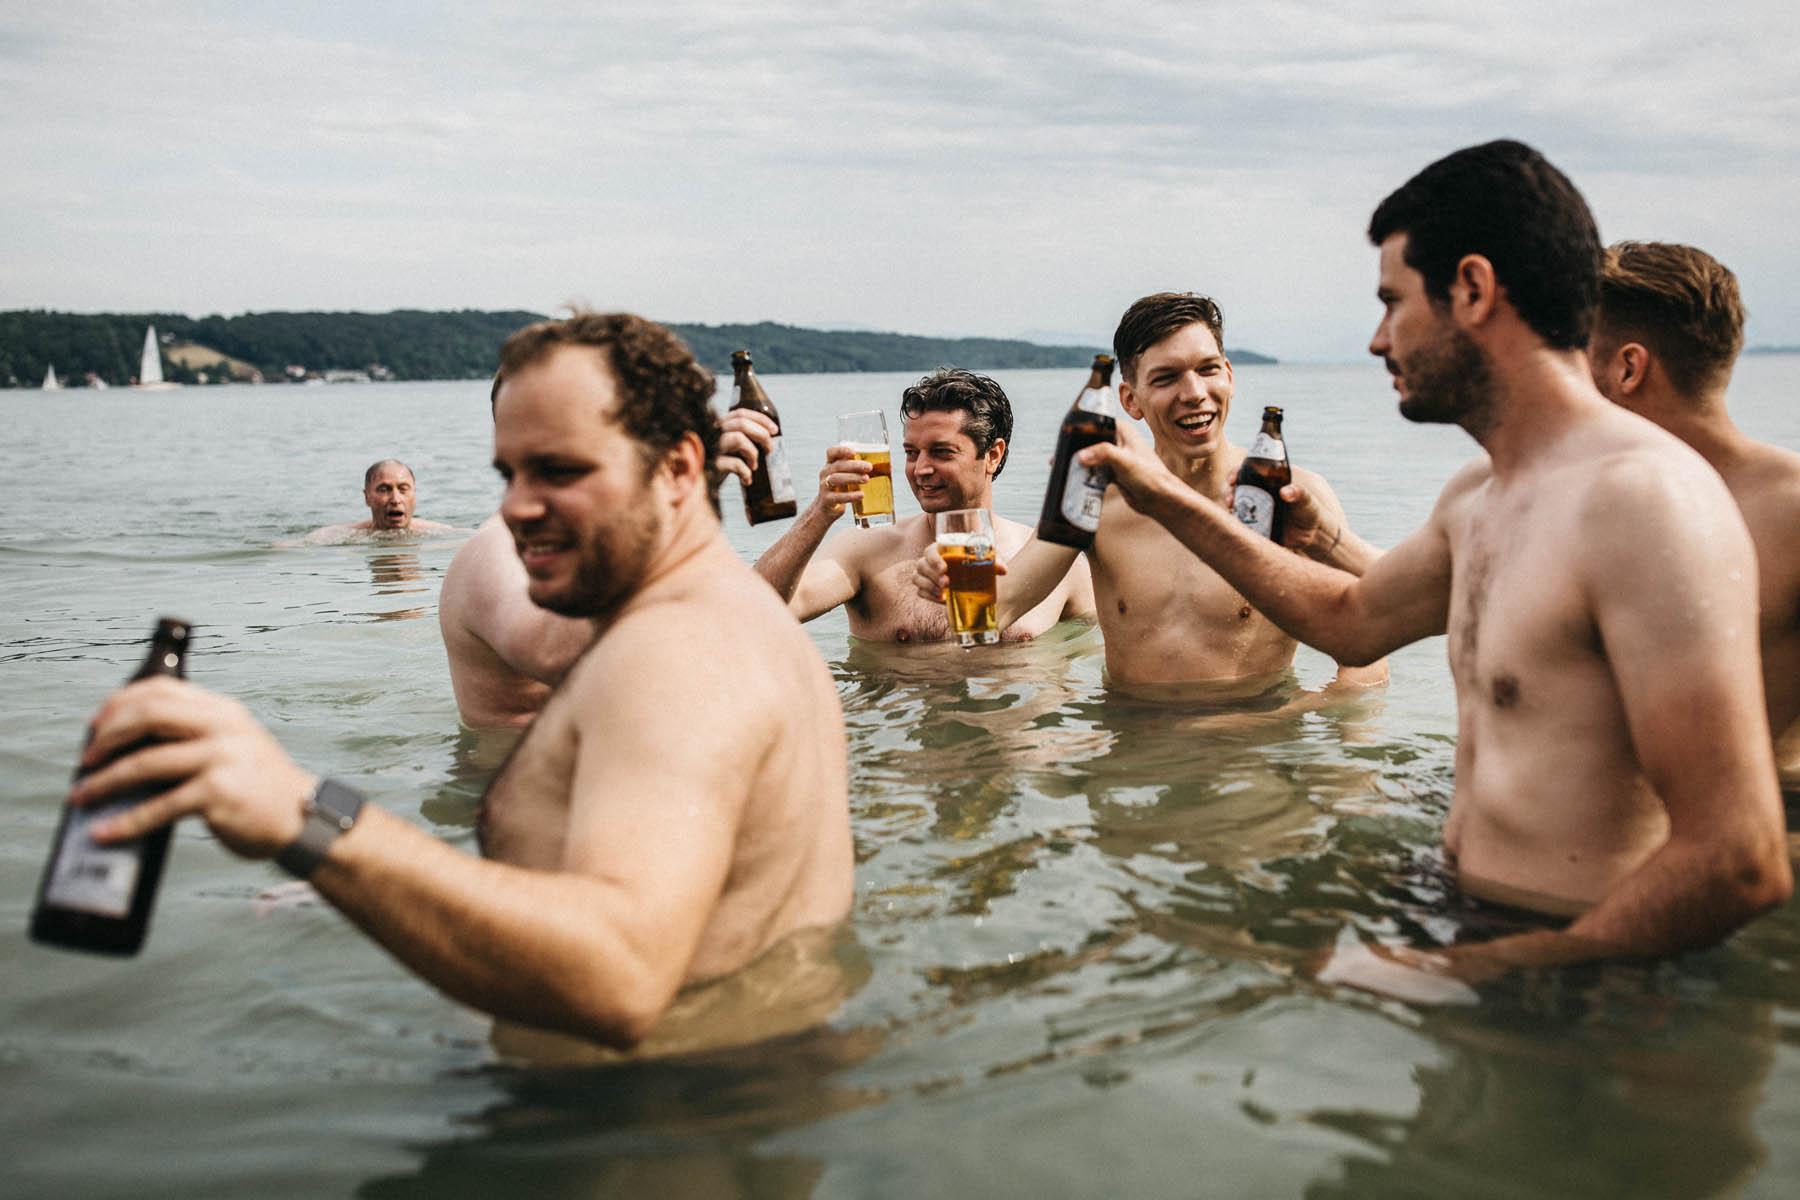 Hochzeitsgesellschaft badet und trinkt Bier im Starnberger See | Raissa + Simon Fotografie